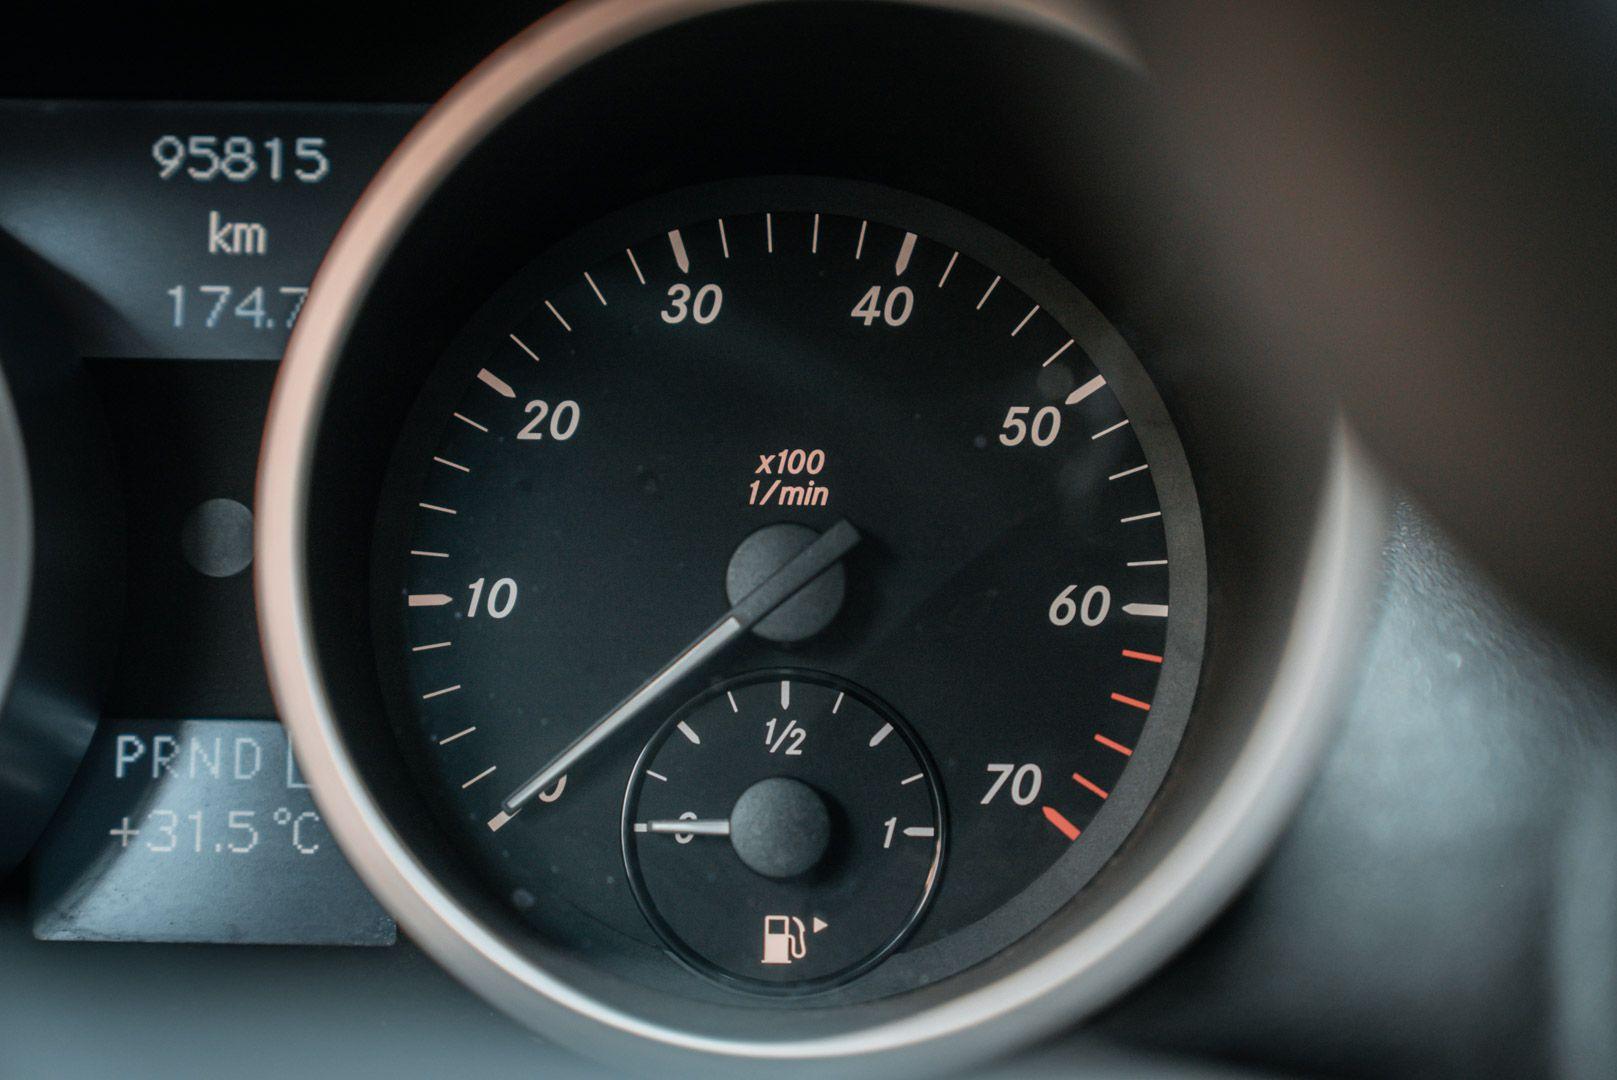 2004 Mercedes Benz SLK 200 Kompressor 80689